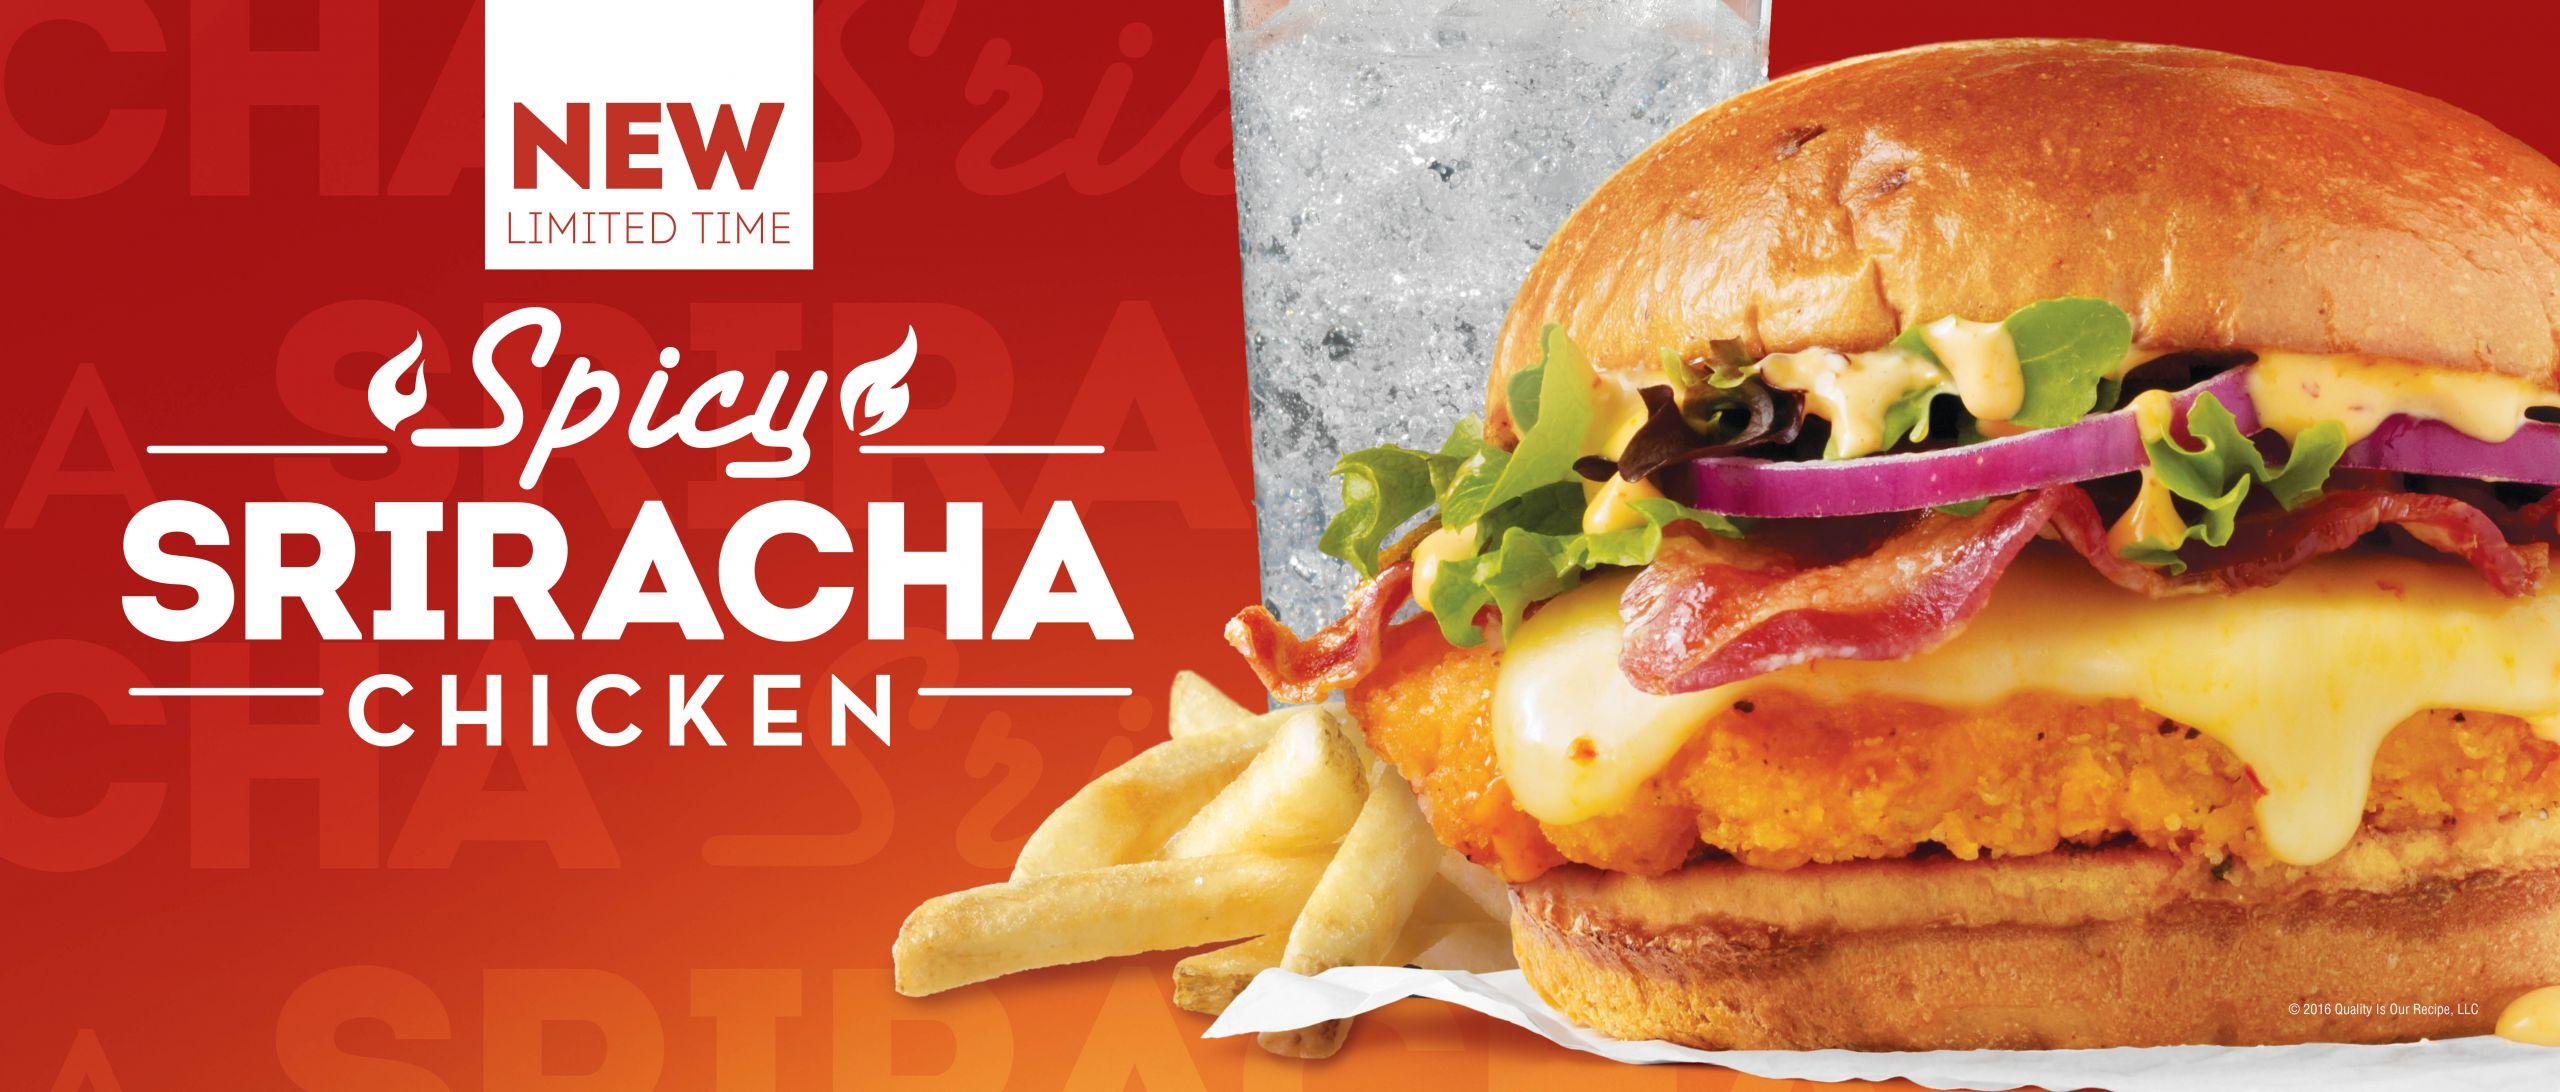 Wendys Chicken Sandwiches  Wendy s Introduces Spicy Sriracha Chicken Sandwich